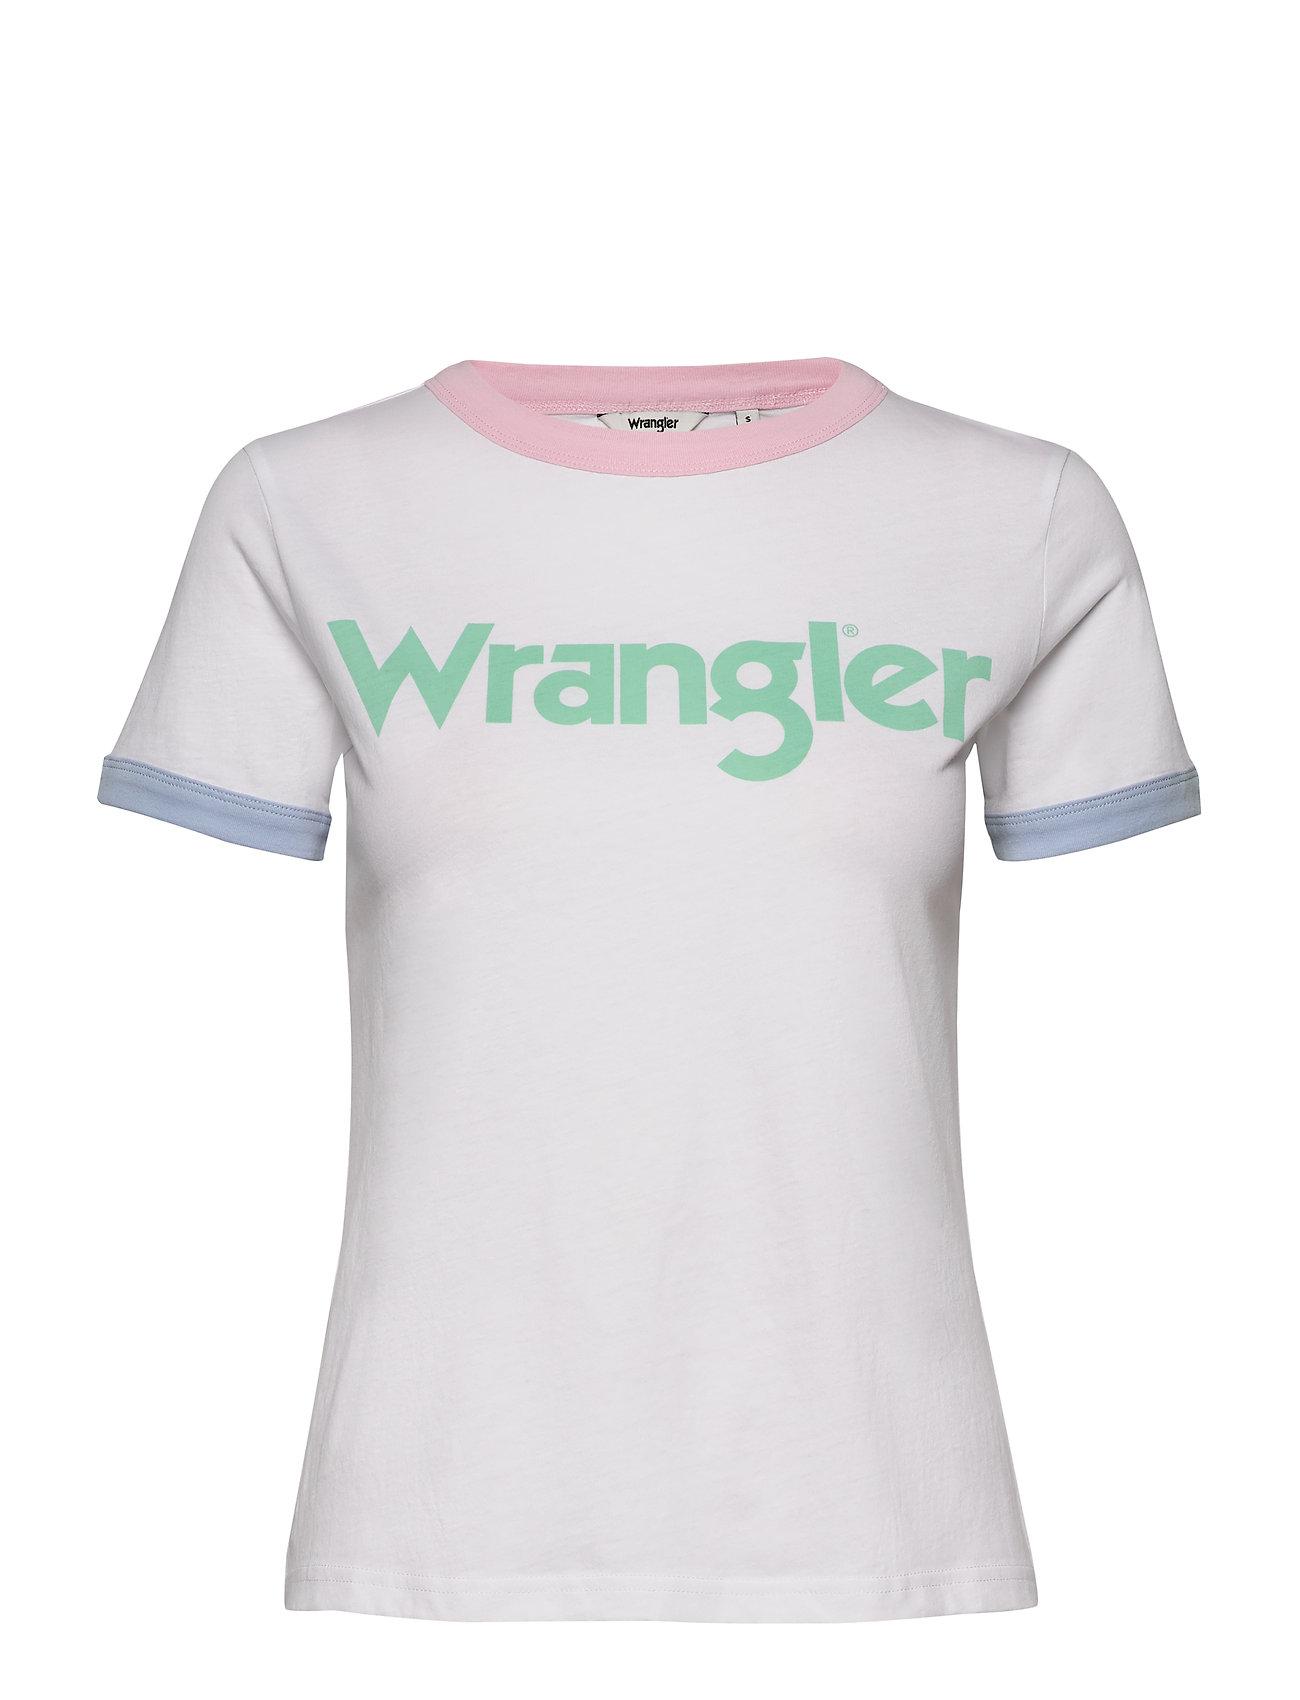 Wrangler RINGER TEE - REAL WHITE